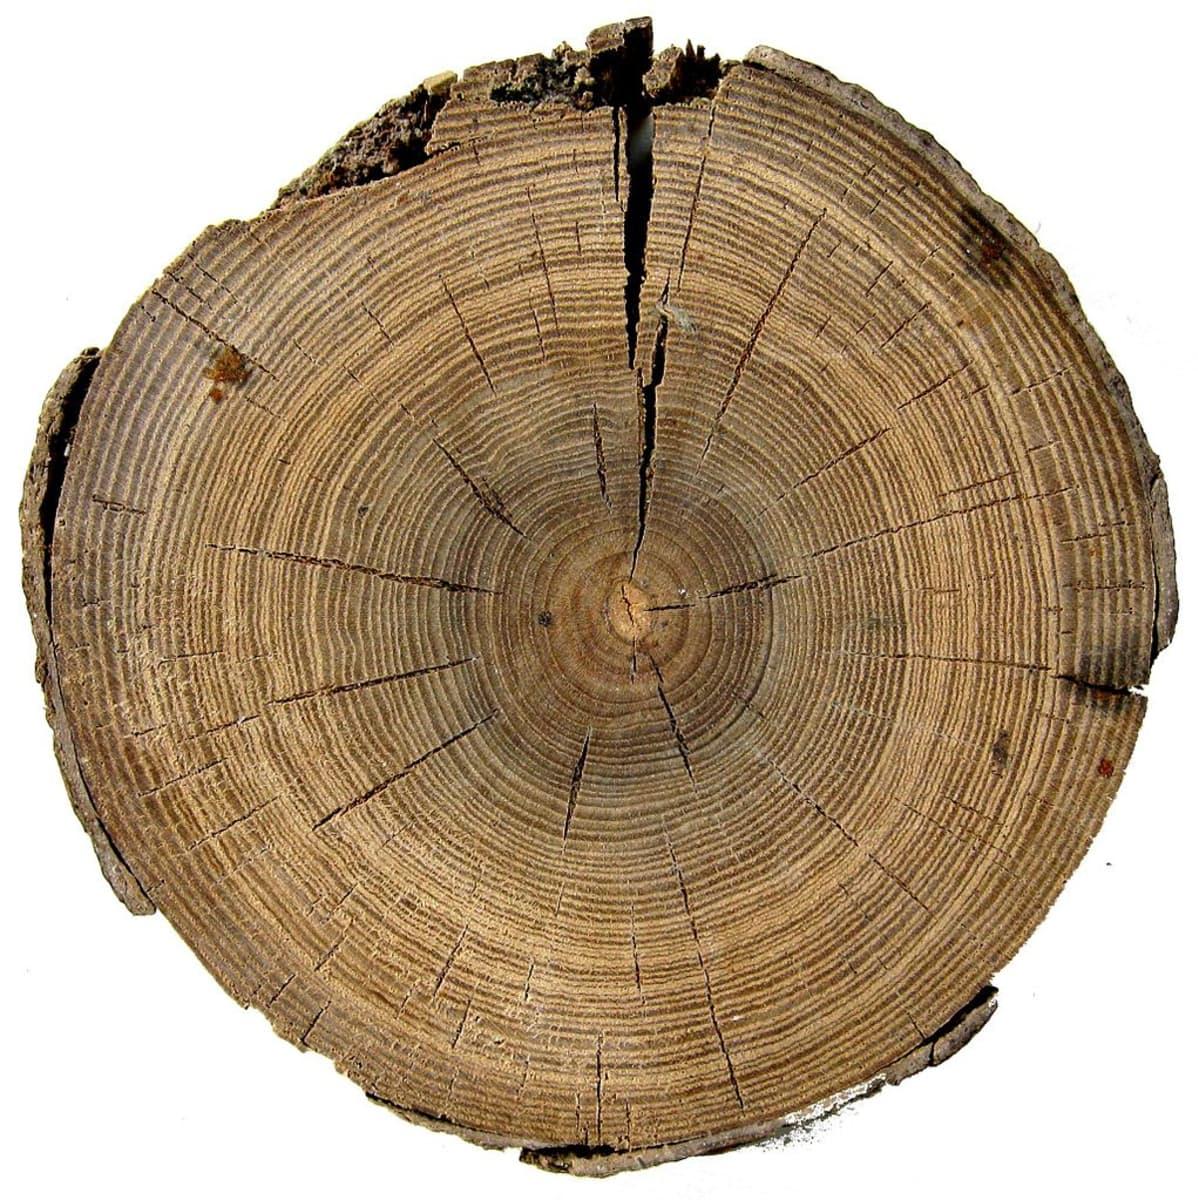 Puun poikkileikkaus, jossa lustot näkyvät selvinä.